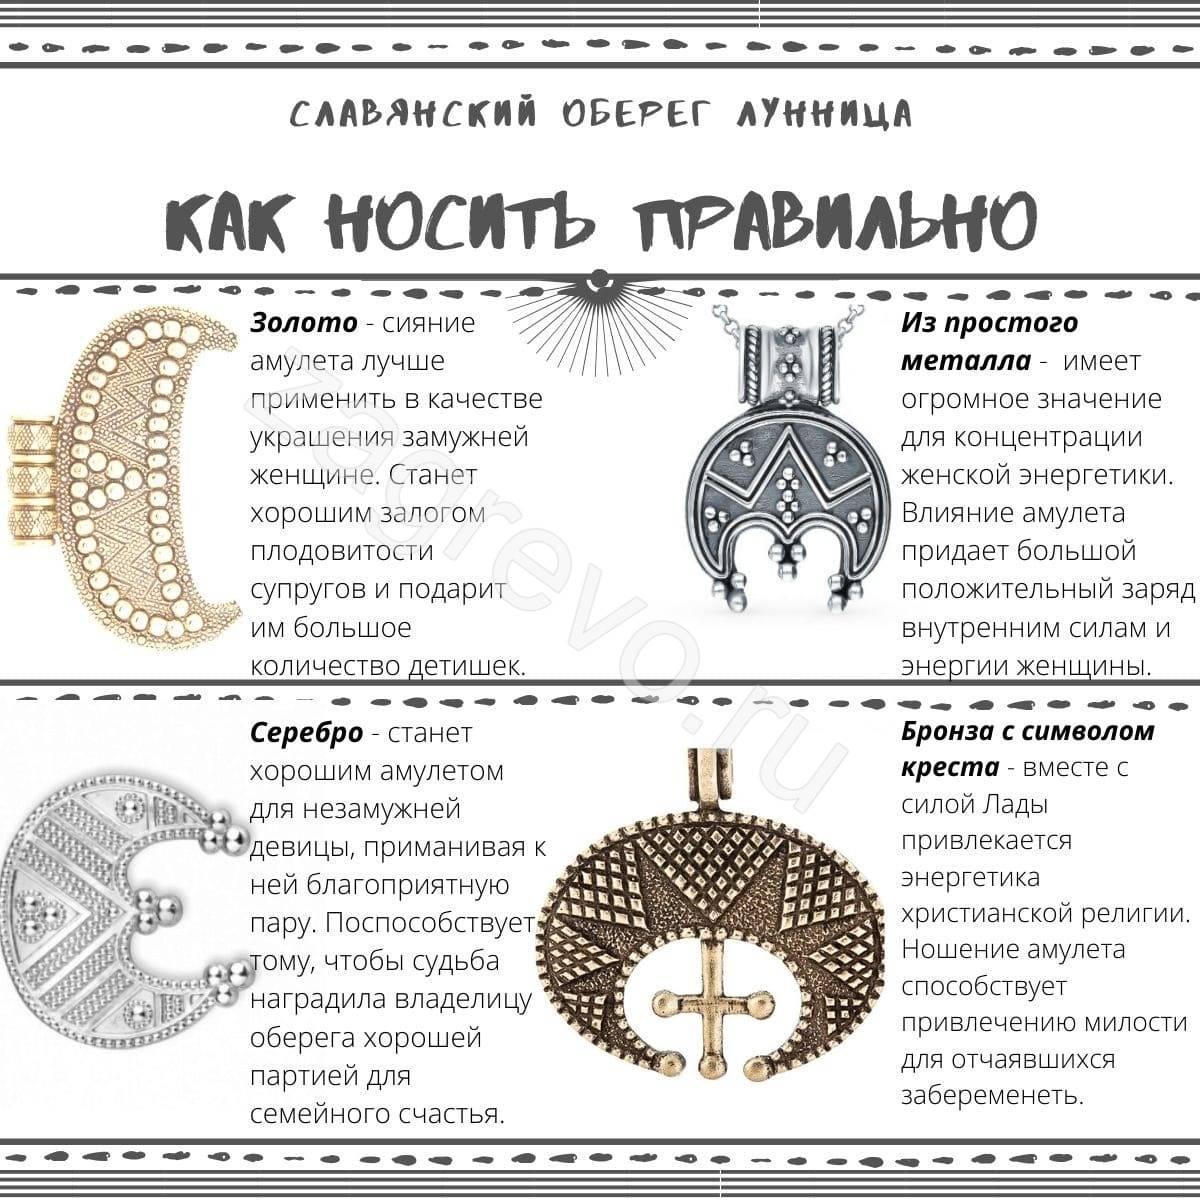 Особенности, значение и свойства славянского оберега лунница